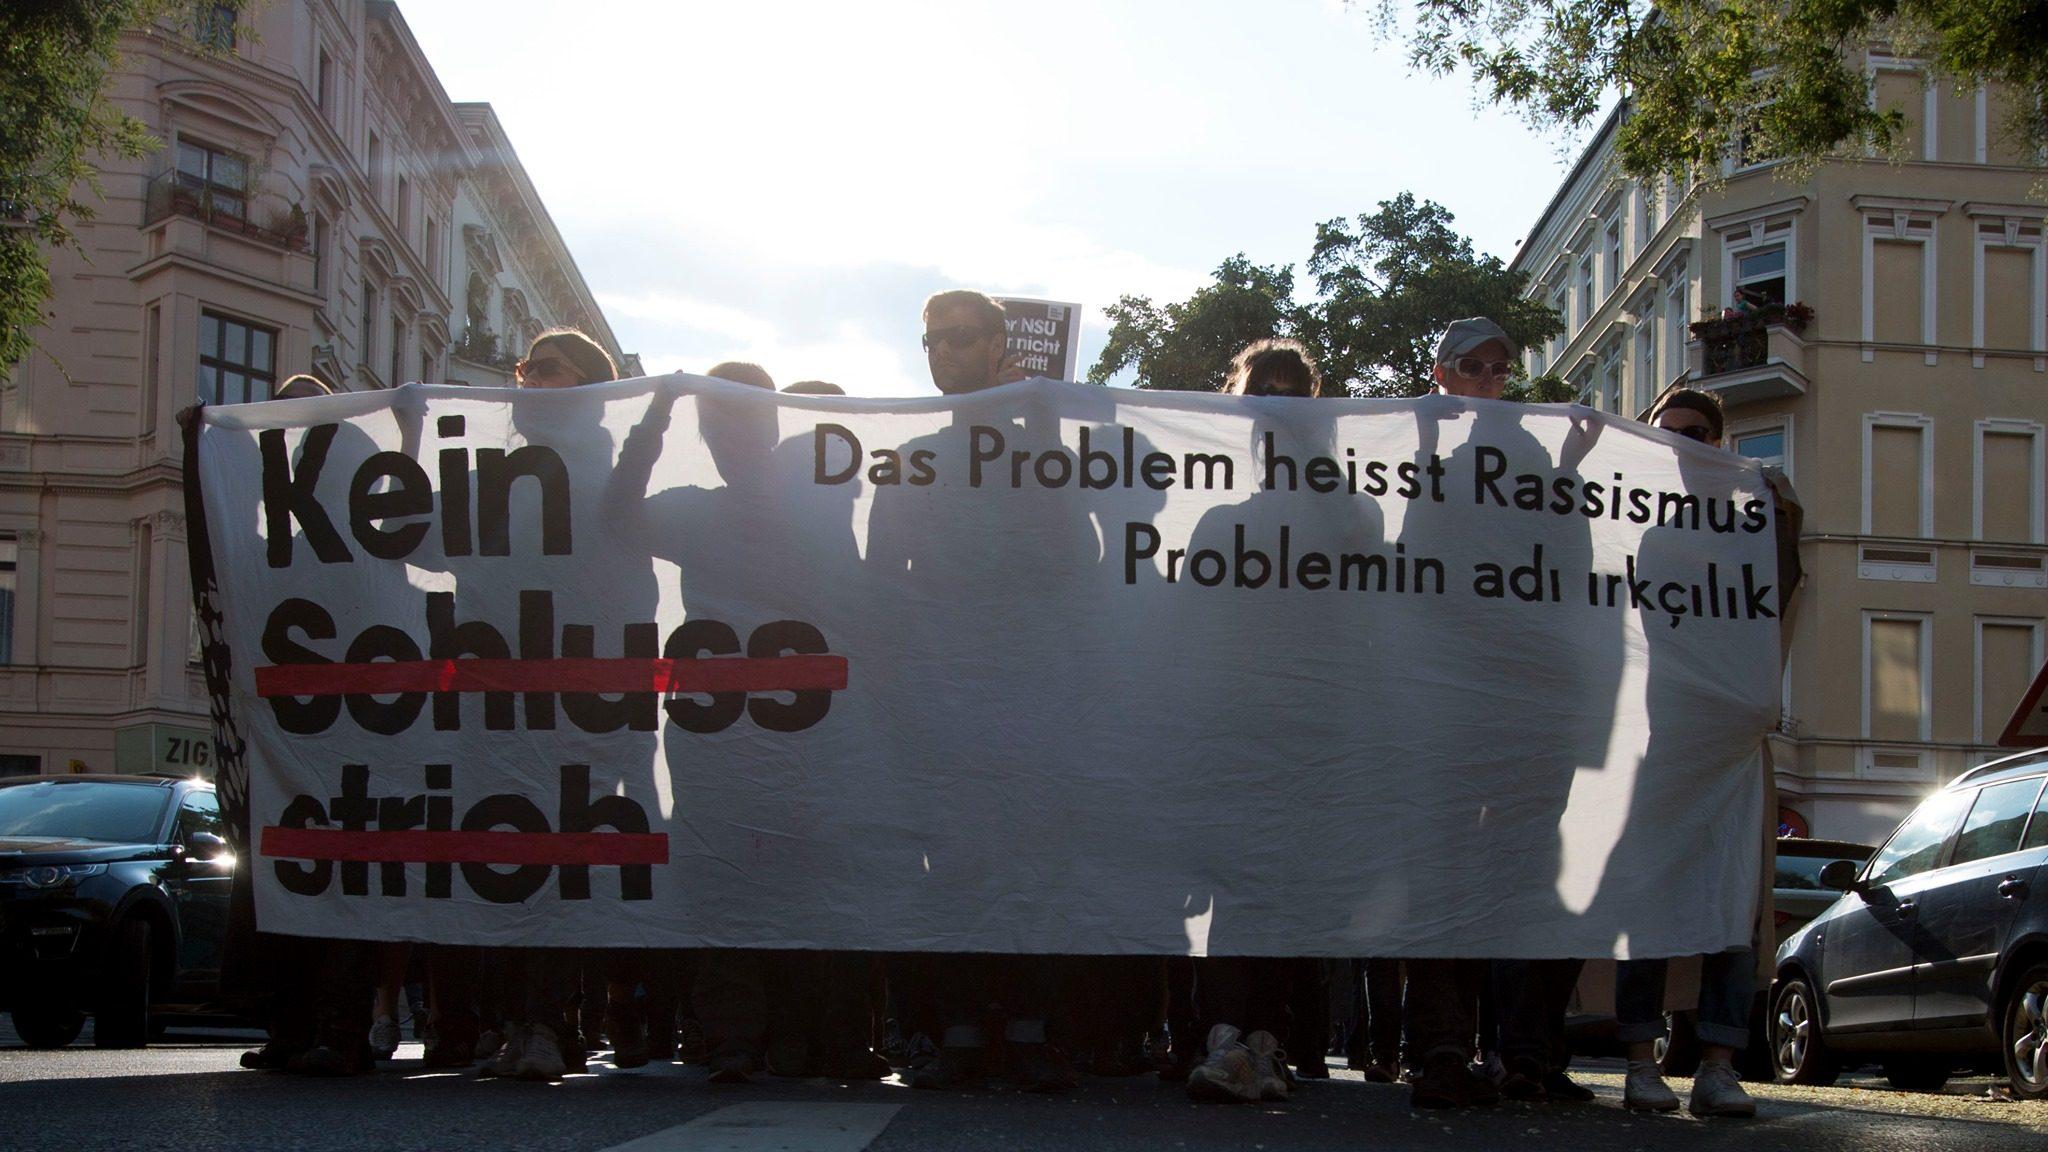 © Kein Schlussstrich - Demonstration zum Ende des NSU-Prozesses in Berlin, 11.07.2018, von Tim Lüddemann, Public Domain Flickr.